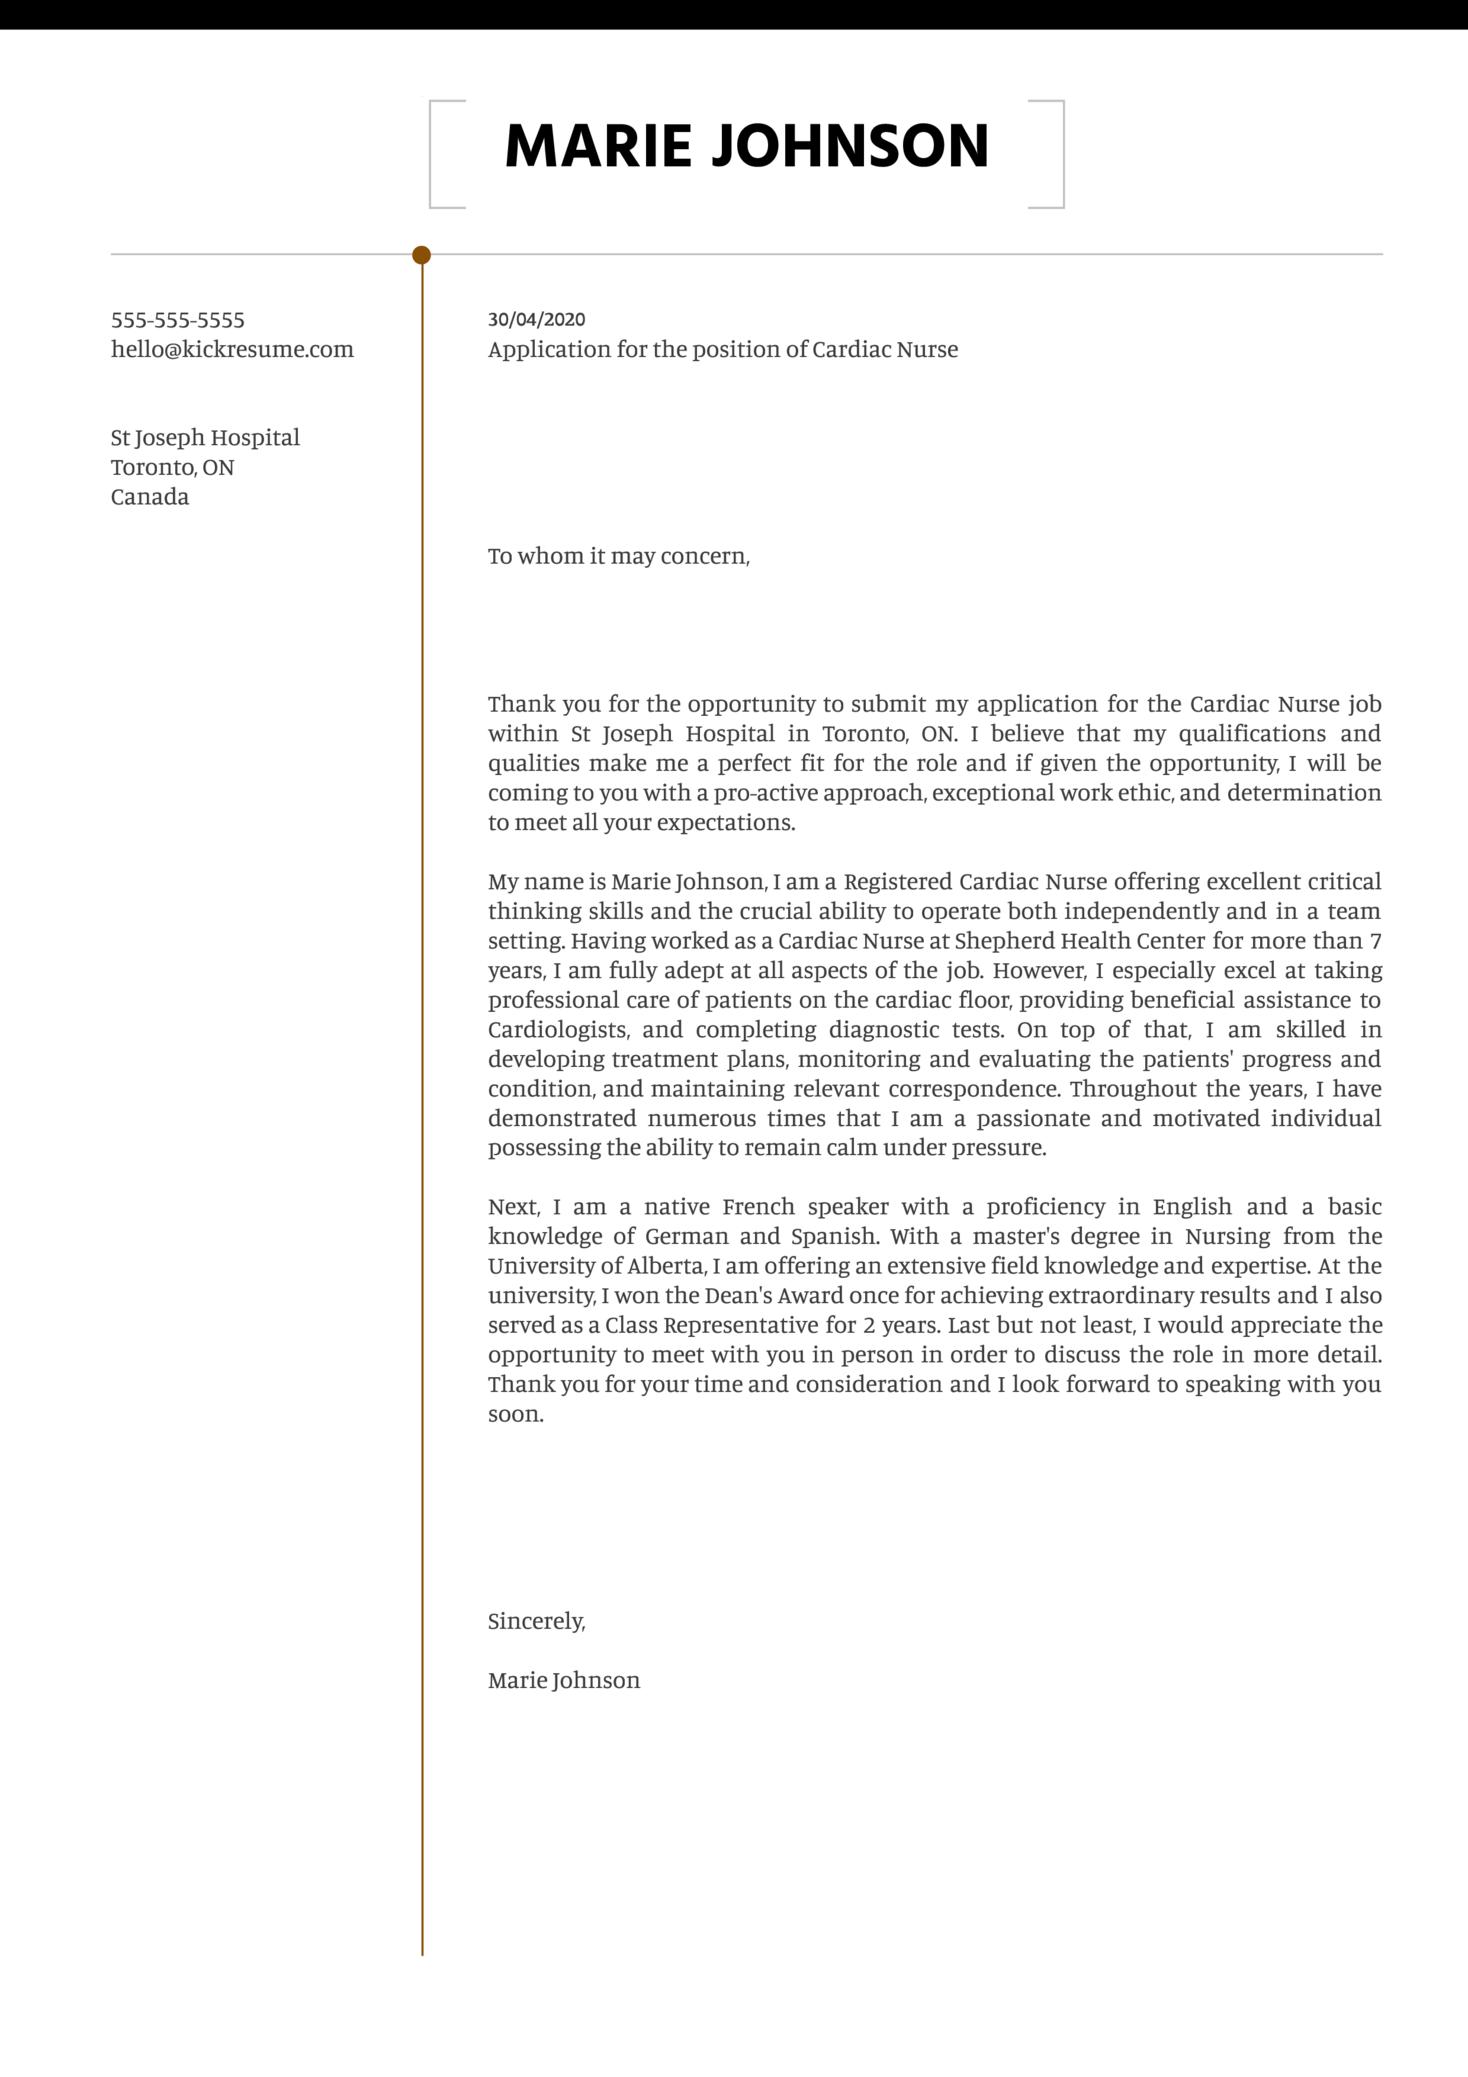 Cardiac Nurse Cover Letter Sample